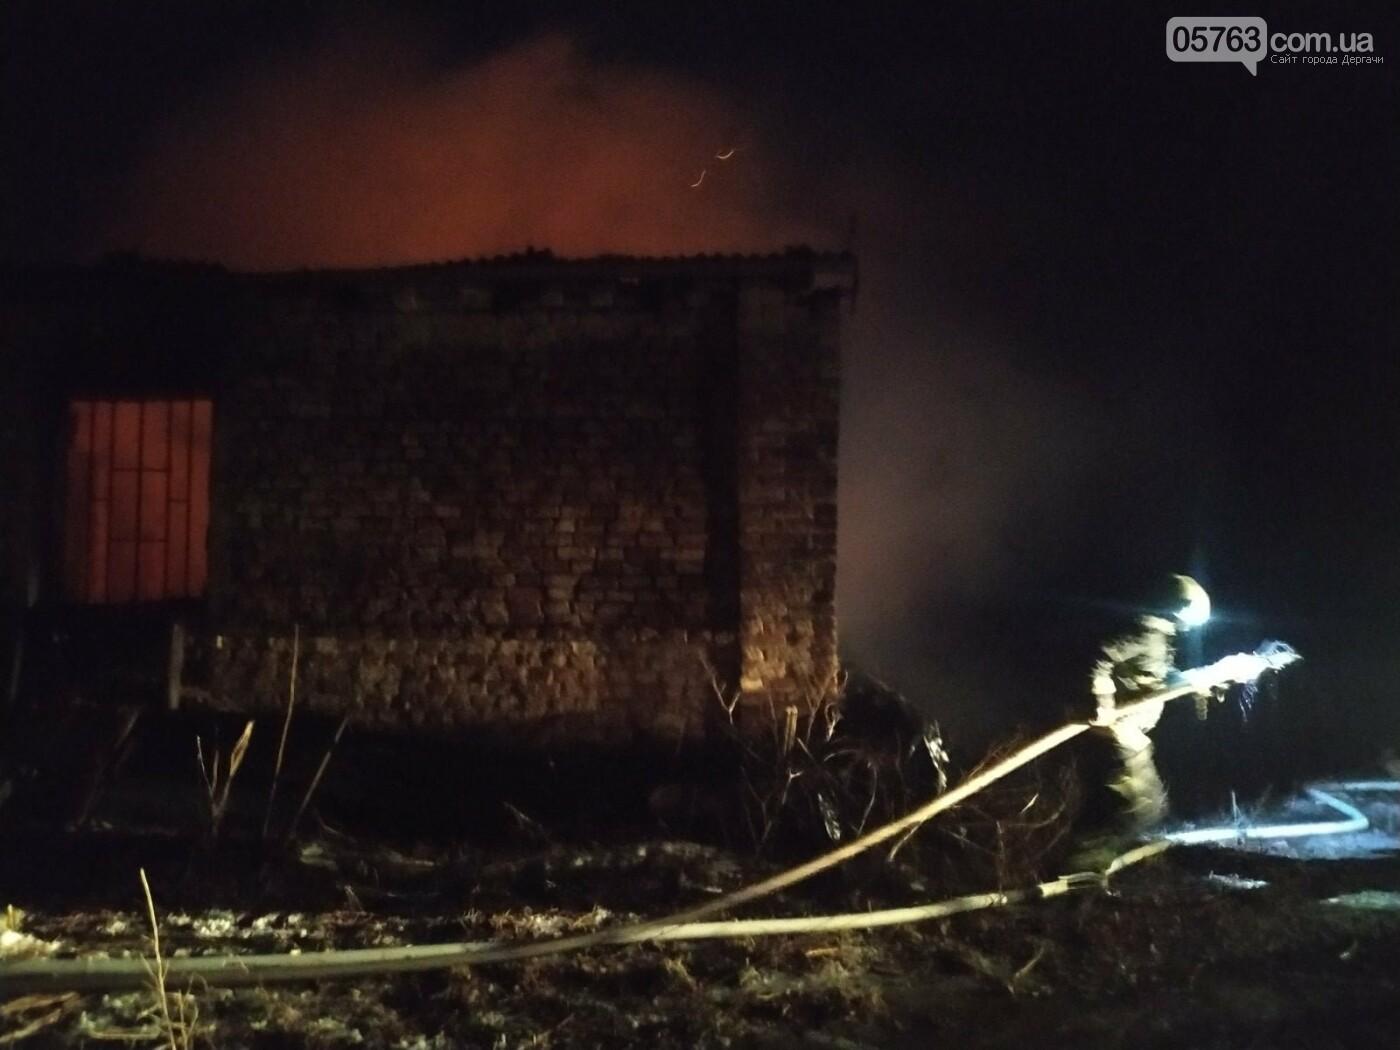 Загорівся приватний будинок: рятувальники знайшли тіло 92-річного чоловіка, - ФОТО, фото-2